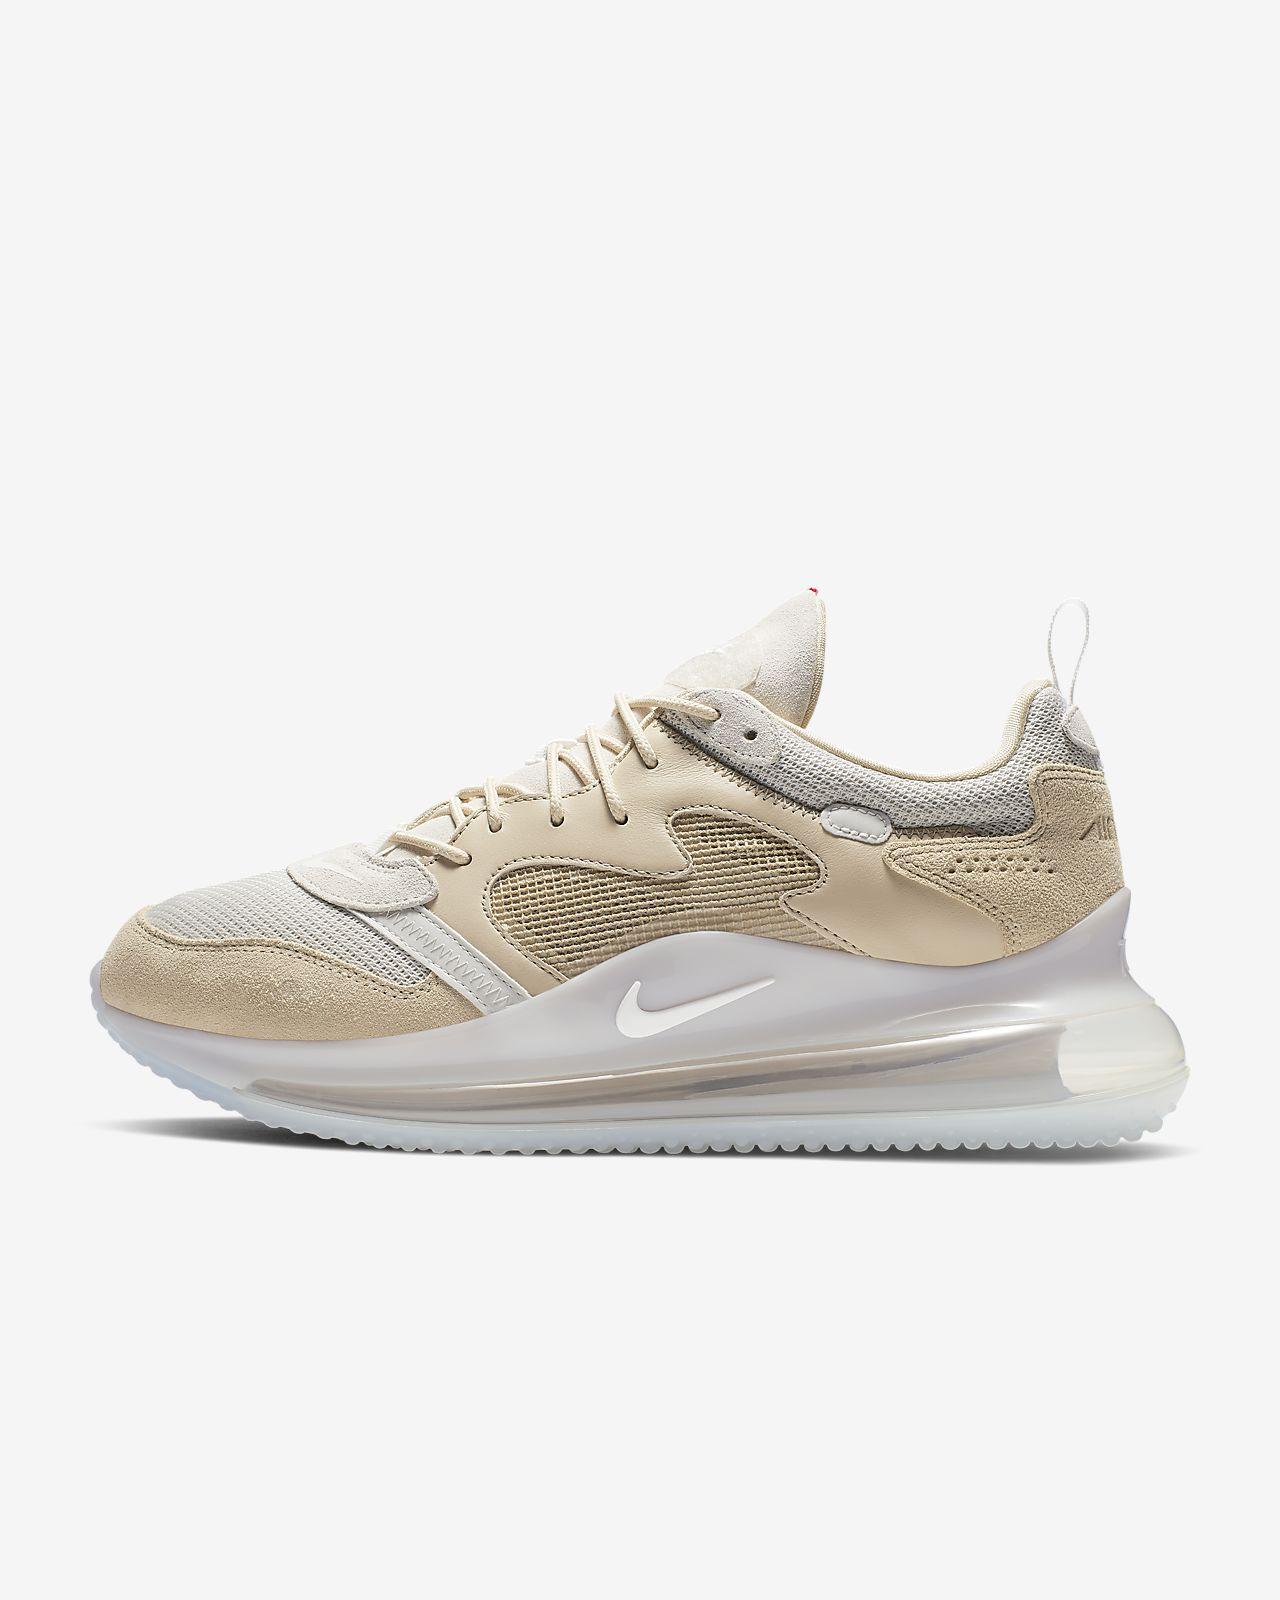 Mænd Tilbud Livsstil Sko. Nike DK